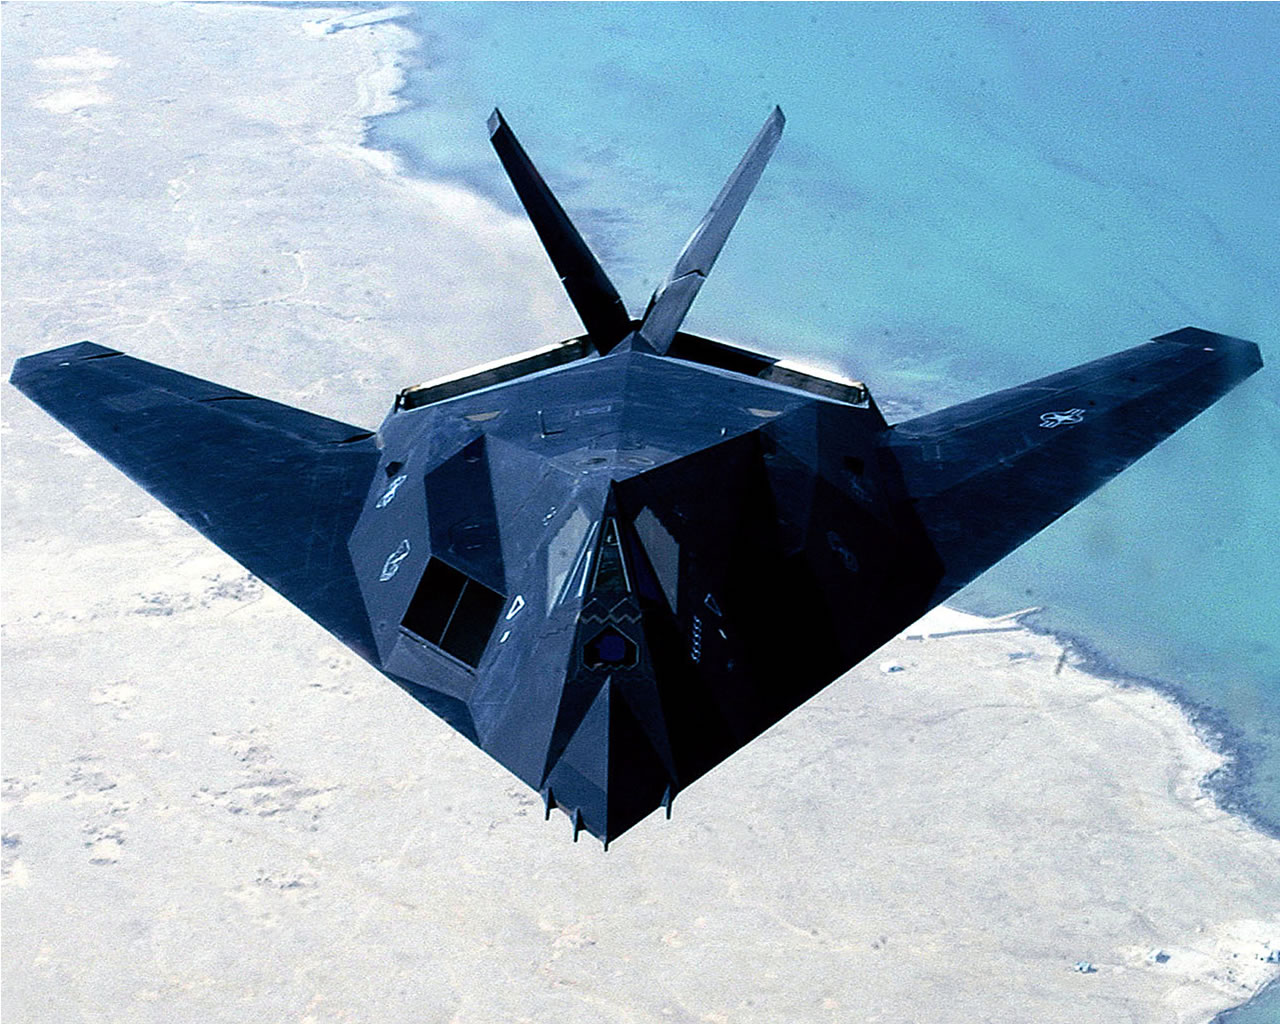 اسرع 50 طائرة في العالم F_117_nighthawk_2